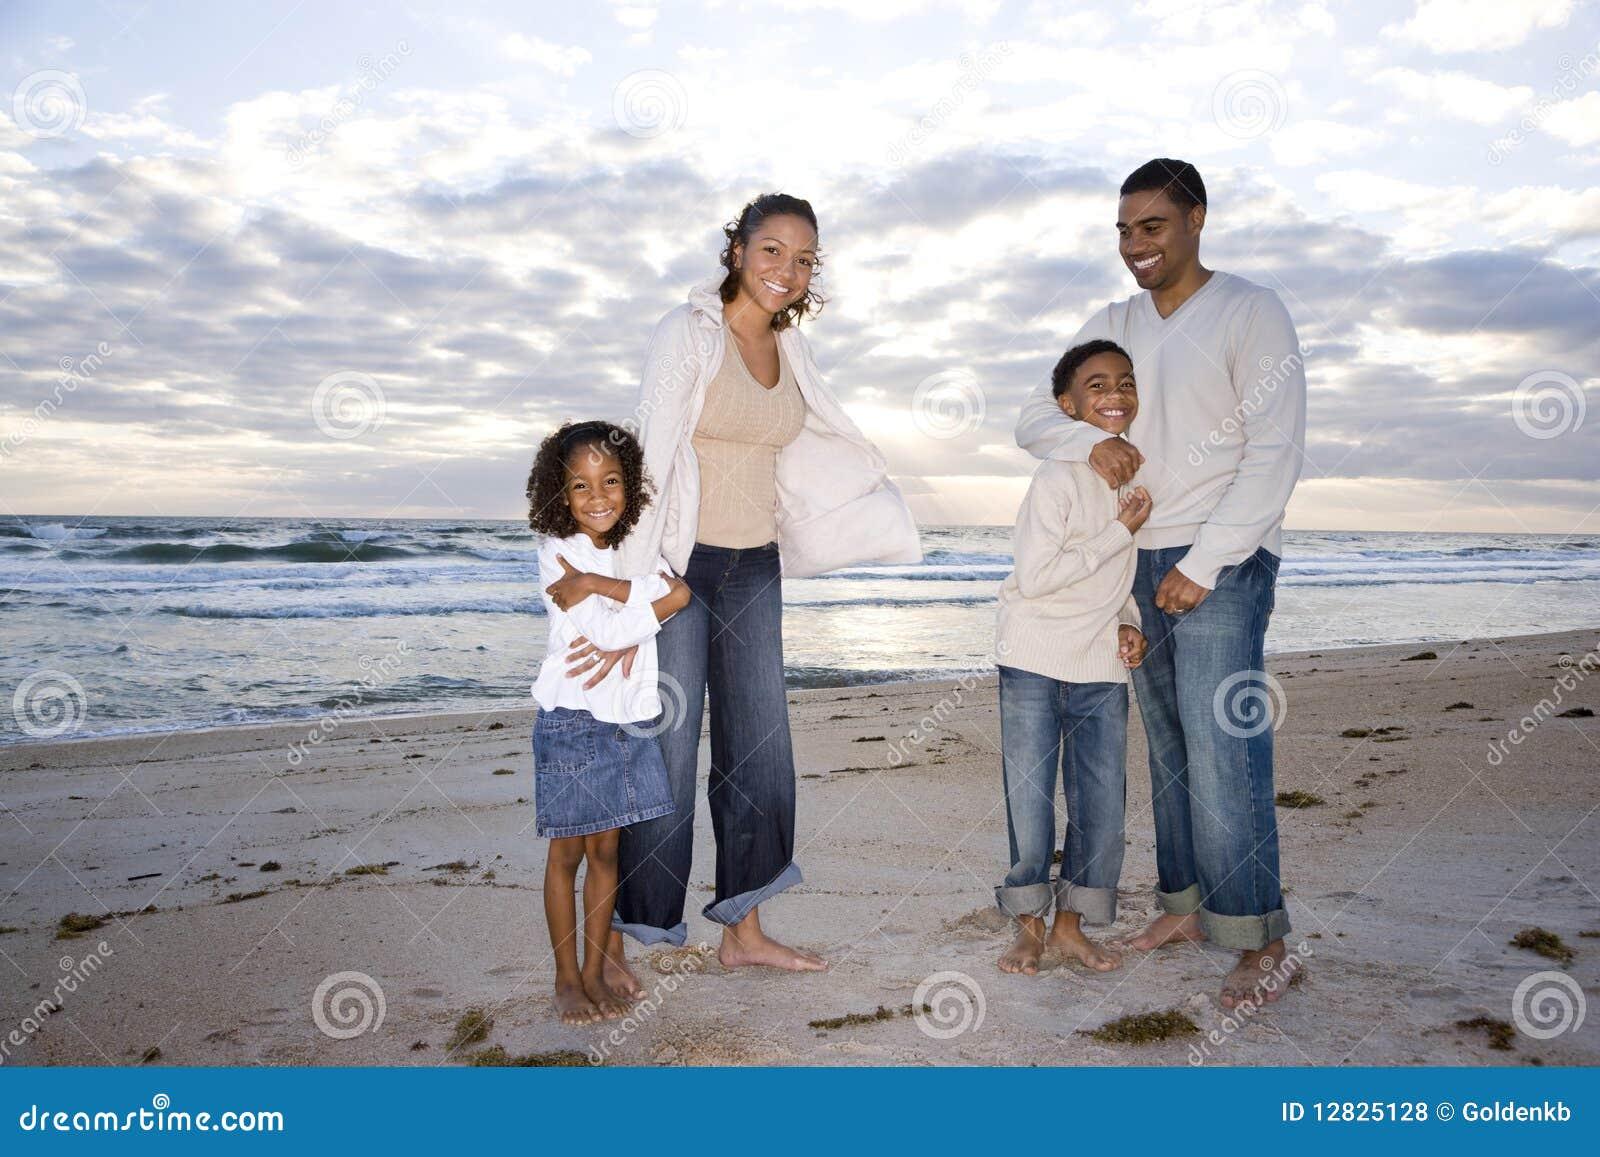 Ευτυχής αφρικανικός-αμερικανική τετραμελής οικογένεια στην παραλία